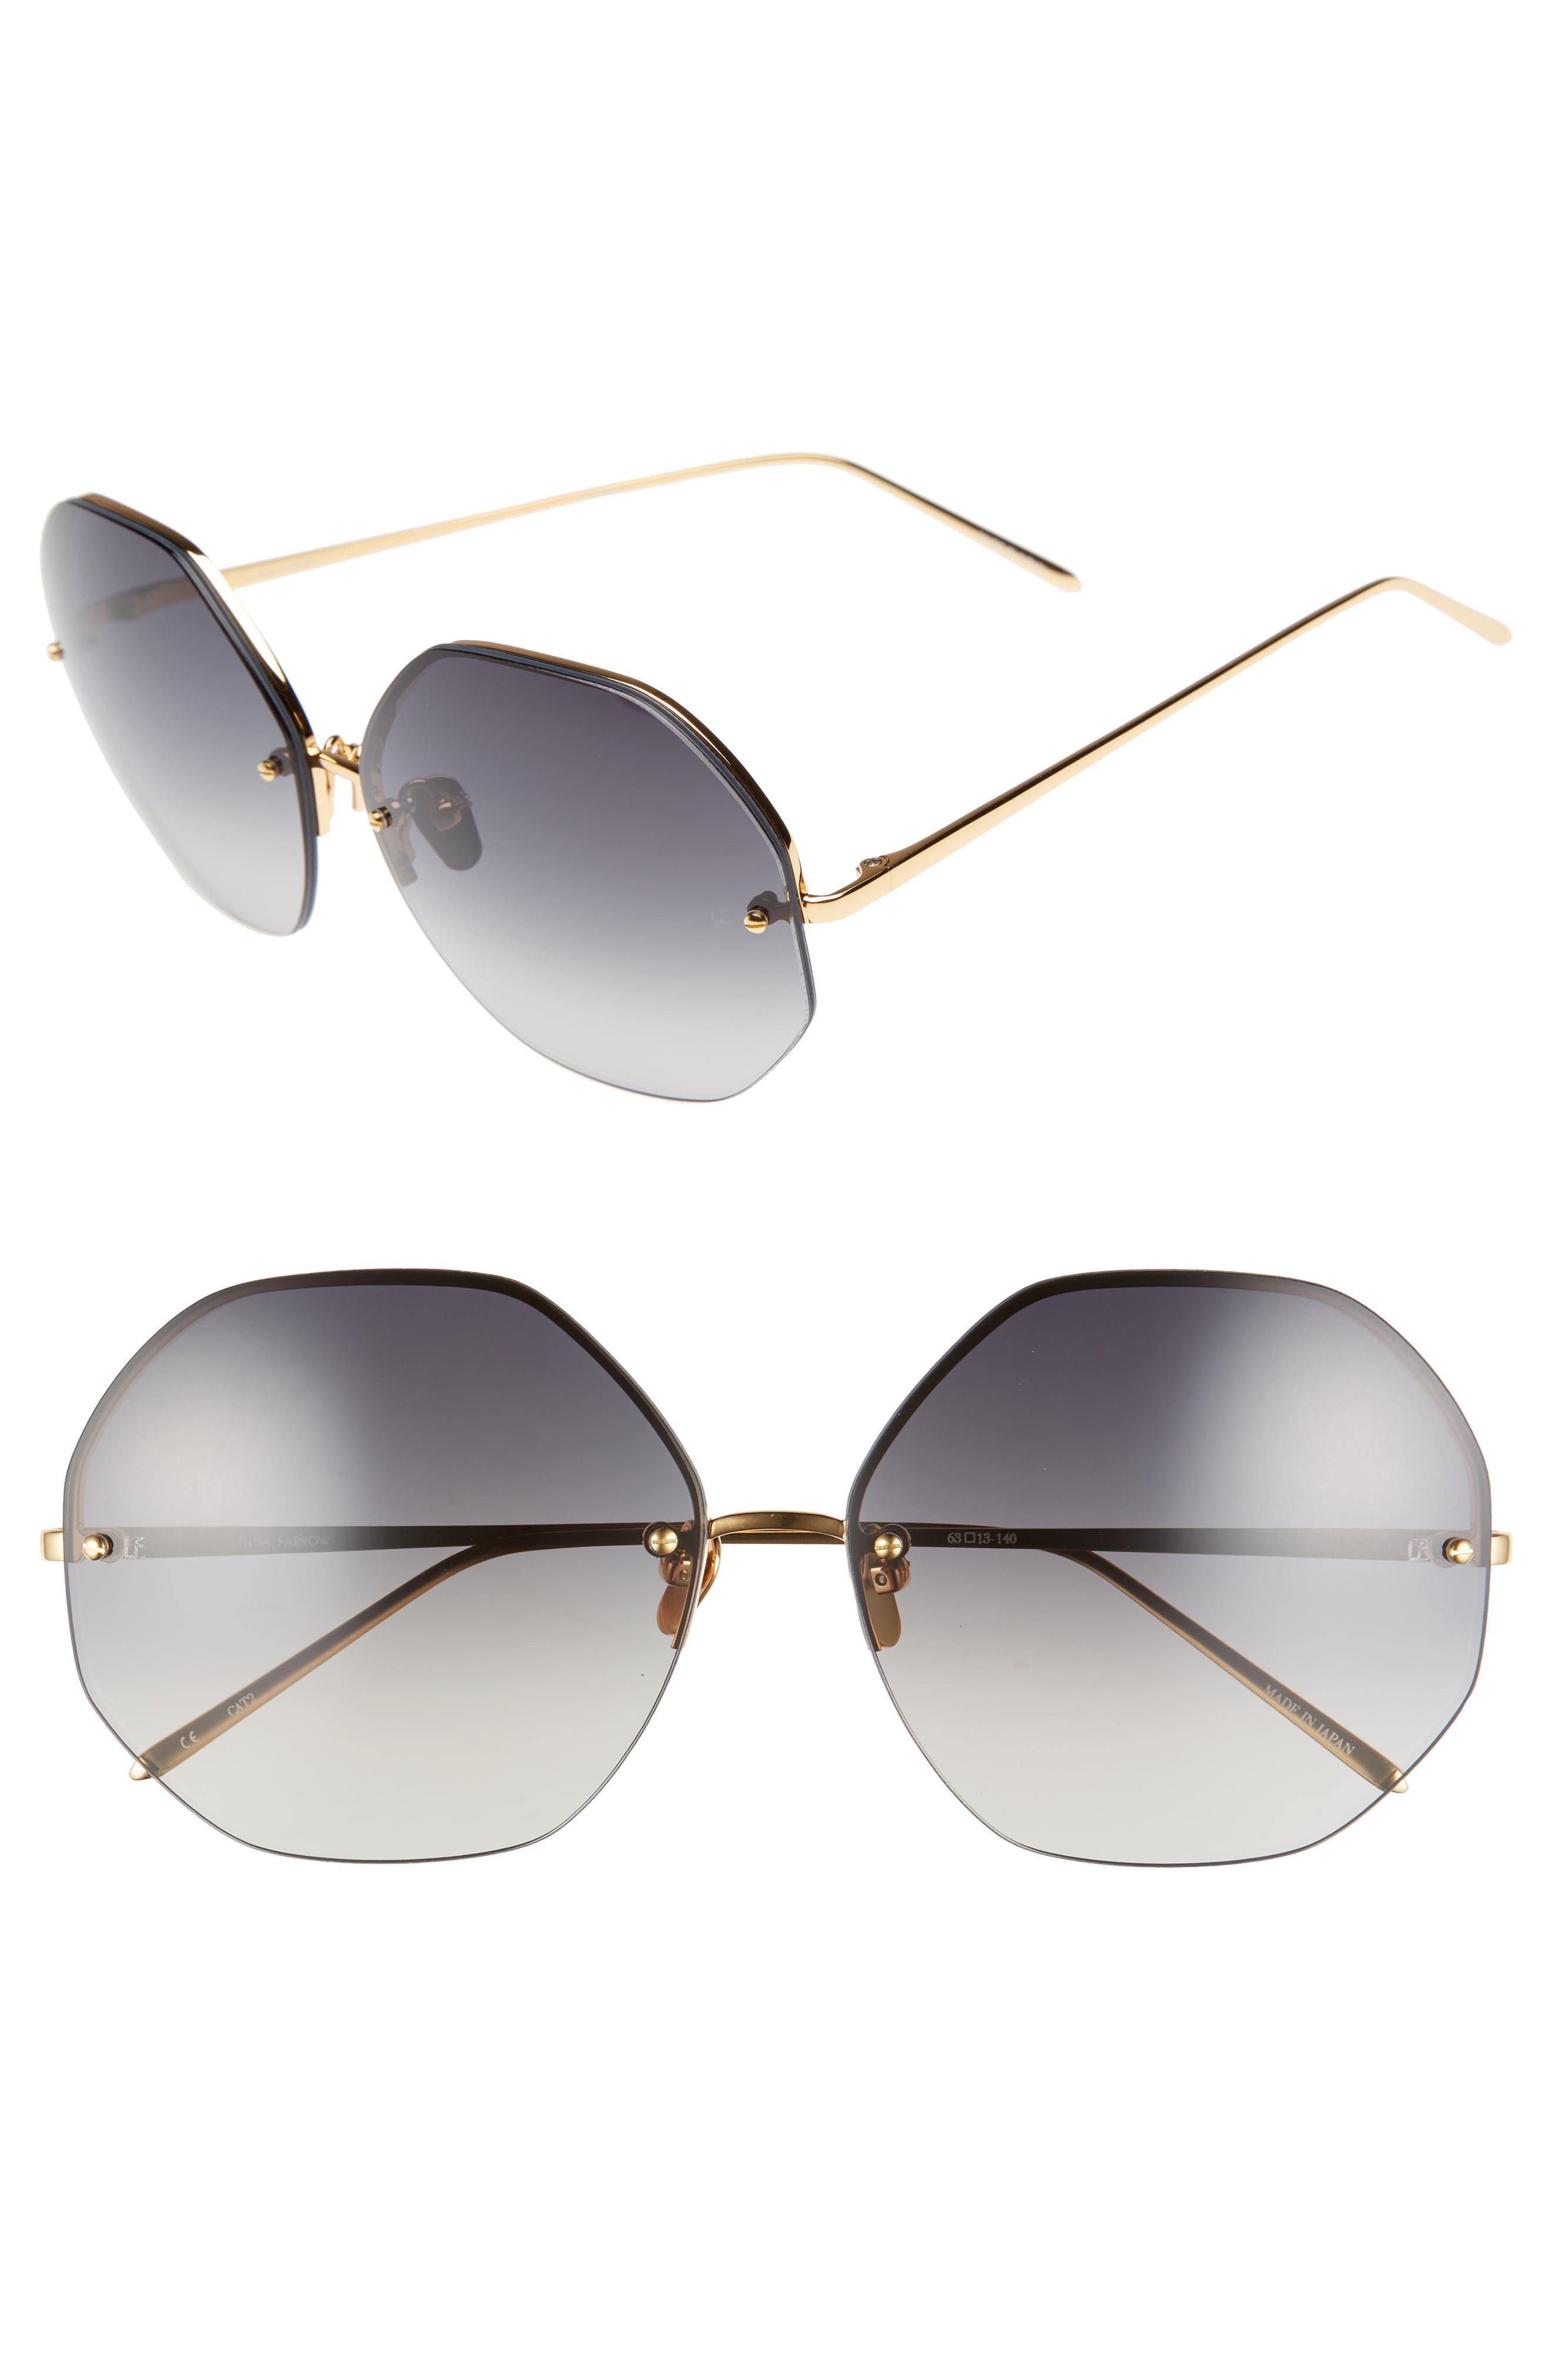 LINDA FARROW 63mm Semi Rimless Round Titanium Sunglasses